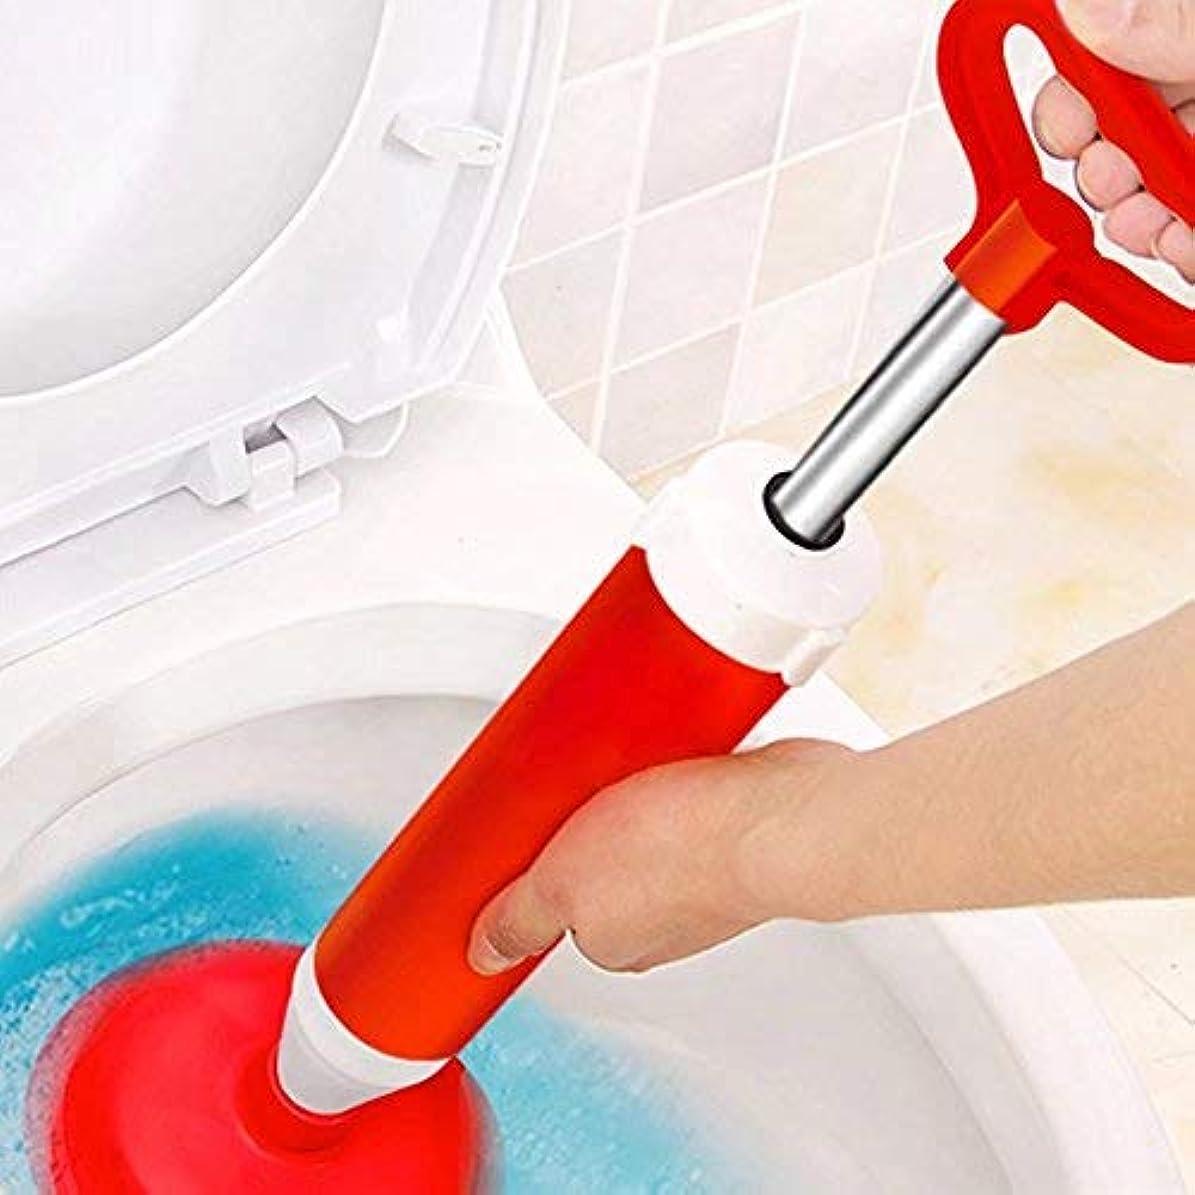 アルファベット失望させる出します真空式パイプクリーナー ニューラバーカップ トイレ 水栓工具 浴室排水口 強力 お風呂 ポンプ つまり 洗面台 シンク